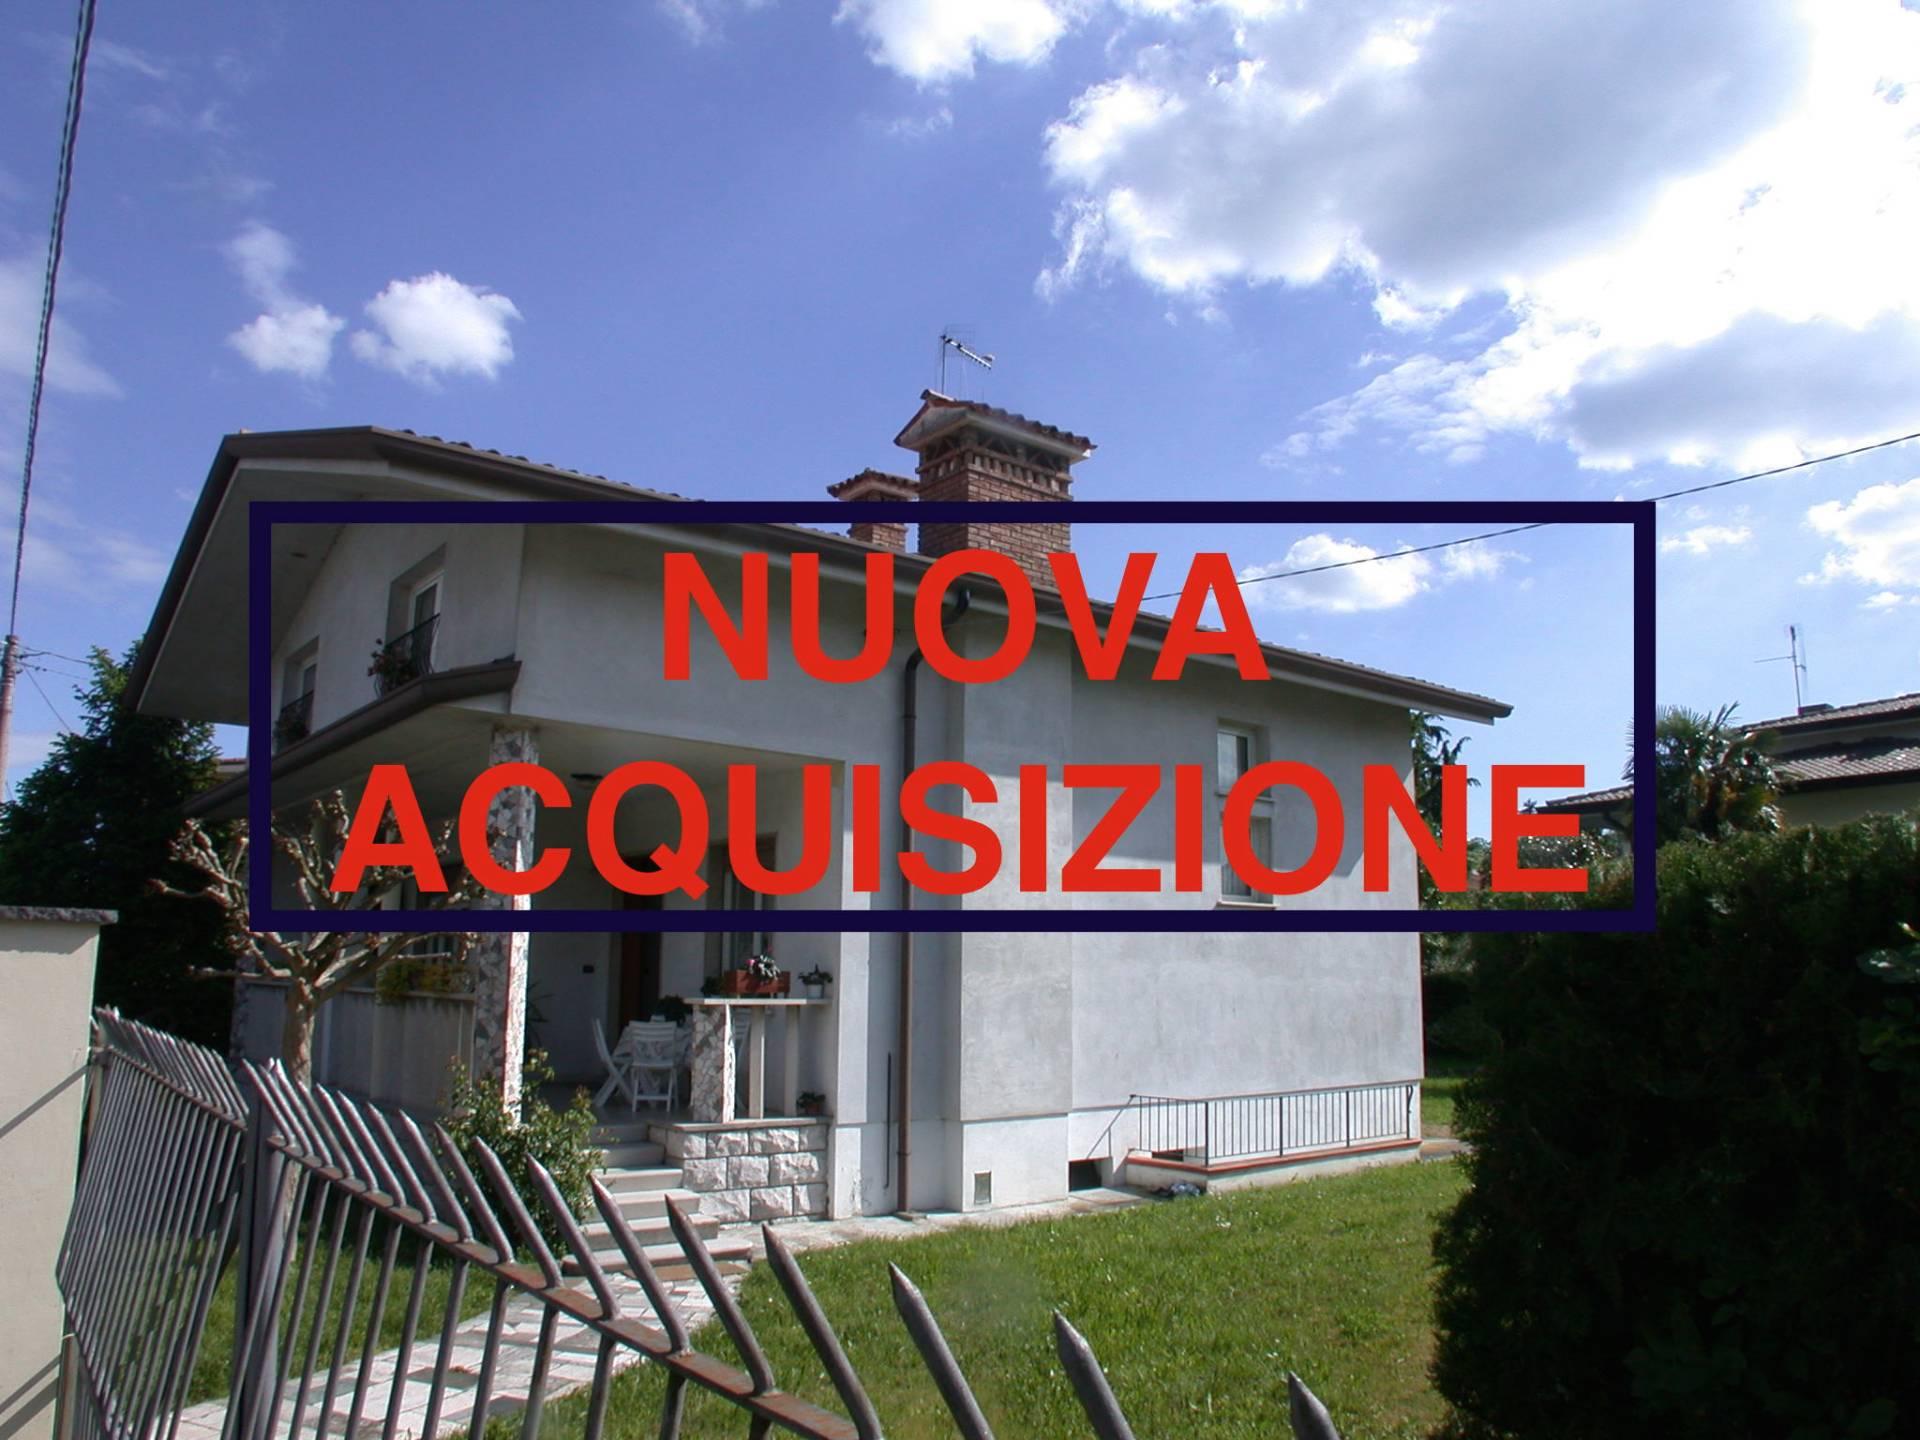 Soluzione Indipendente in vendita a Gorizia, 5 locali, zona Località: MadonninadelFante, prezzo € 232.000 | Cambio Casa.it